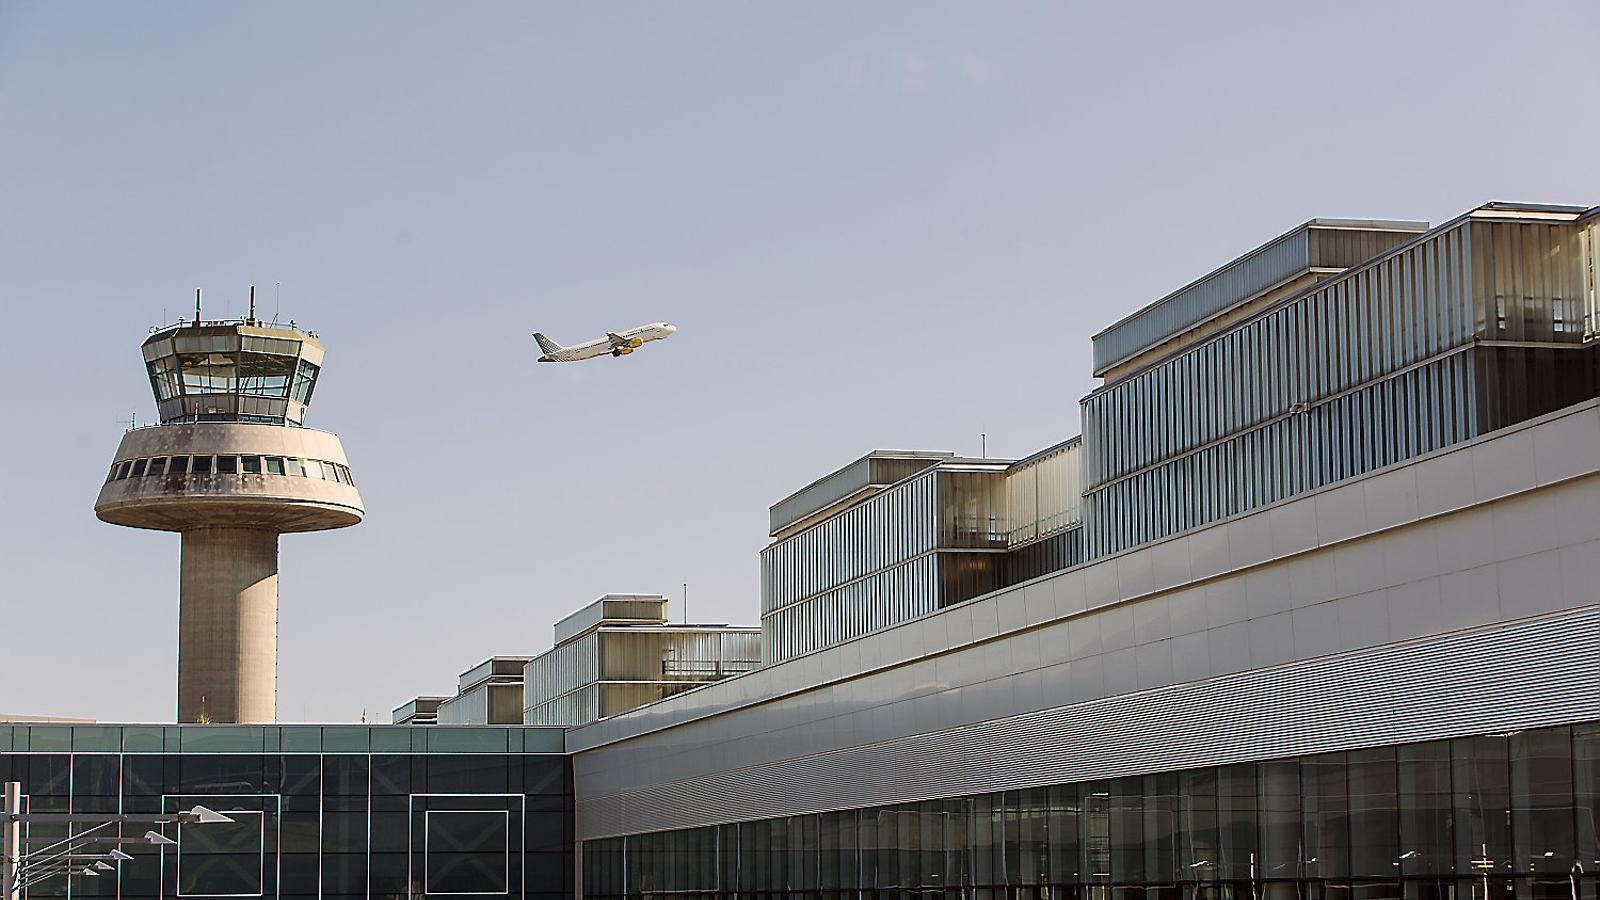 L'aeroport del Prat ja acumula sis anys superant els seus propis rècords de trànsit i l'any passat hi van passar uns 44 milions de viatgers, tot un màxim històric.